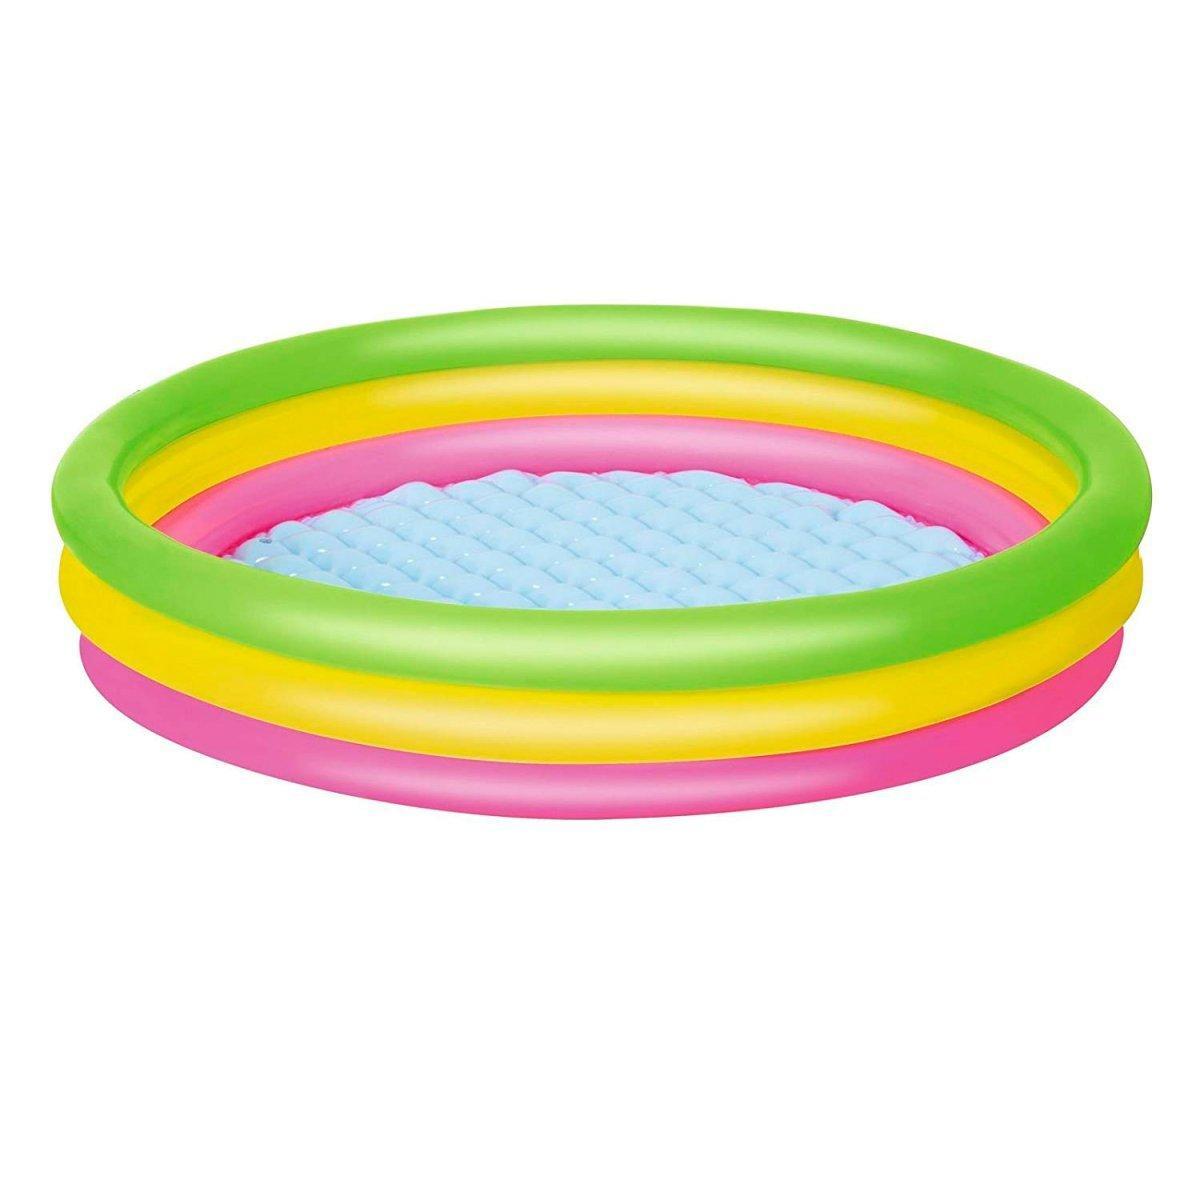 Детский надувной бассейн Bestway 51103, 152 х 30 см